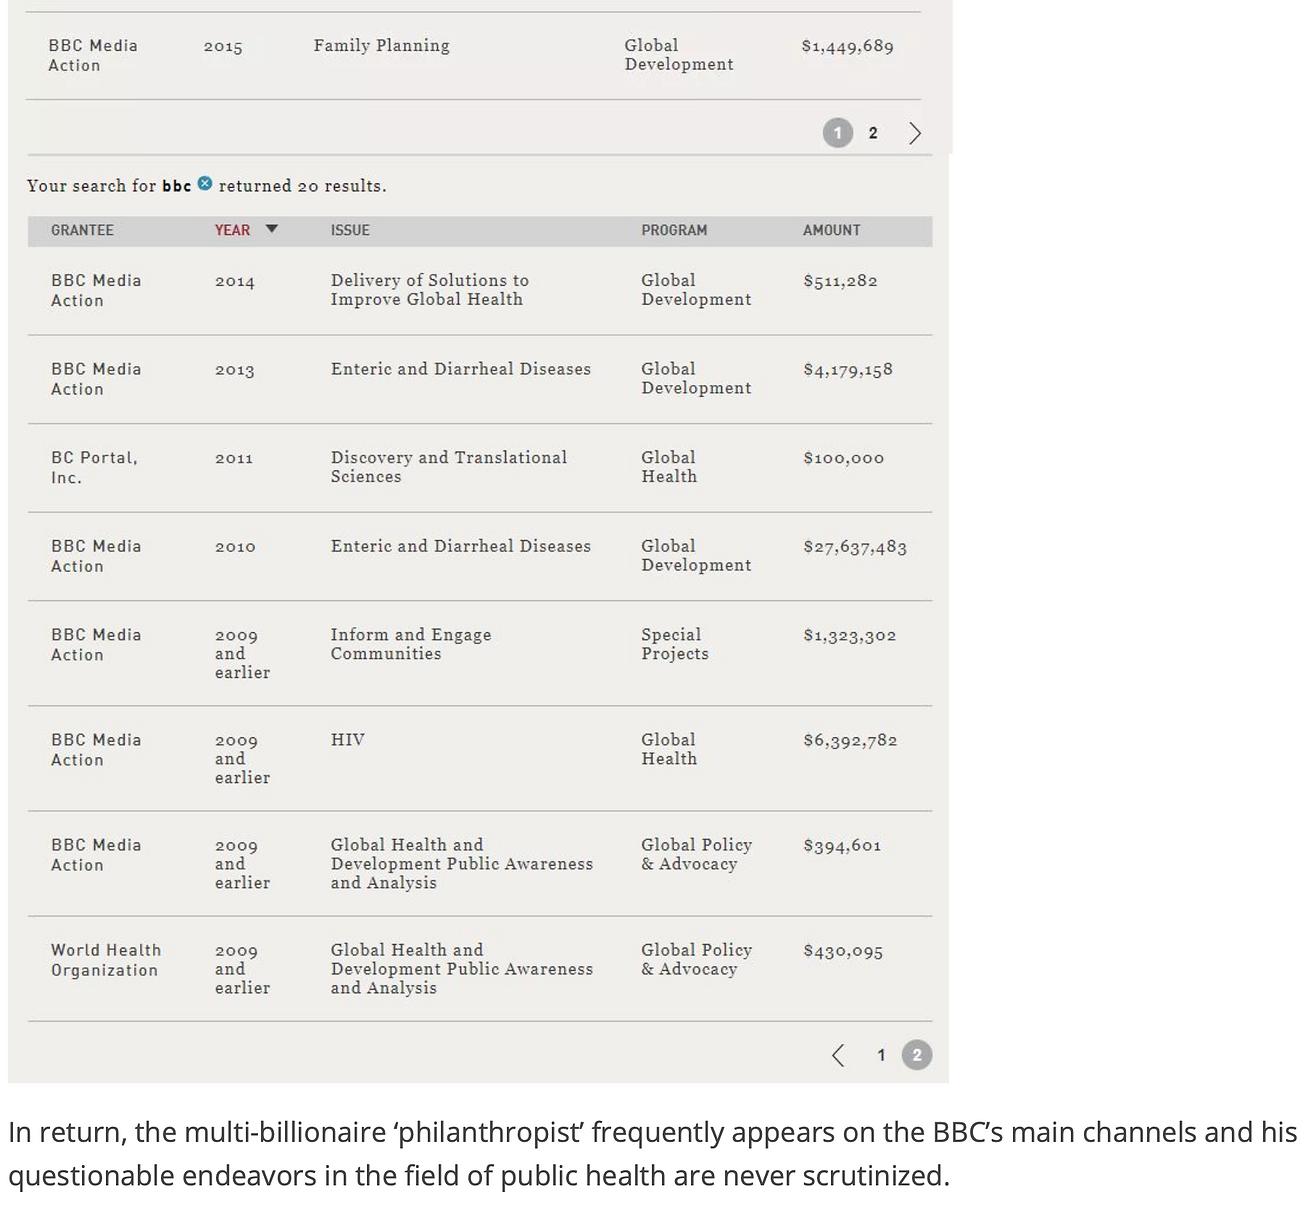 Screenshot 2021-01-23 at 16.34.45.png